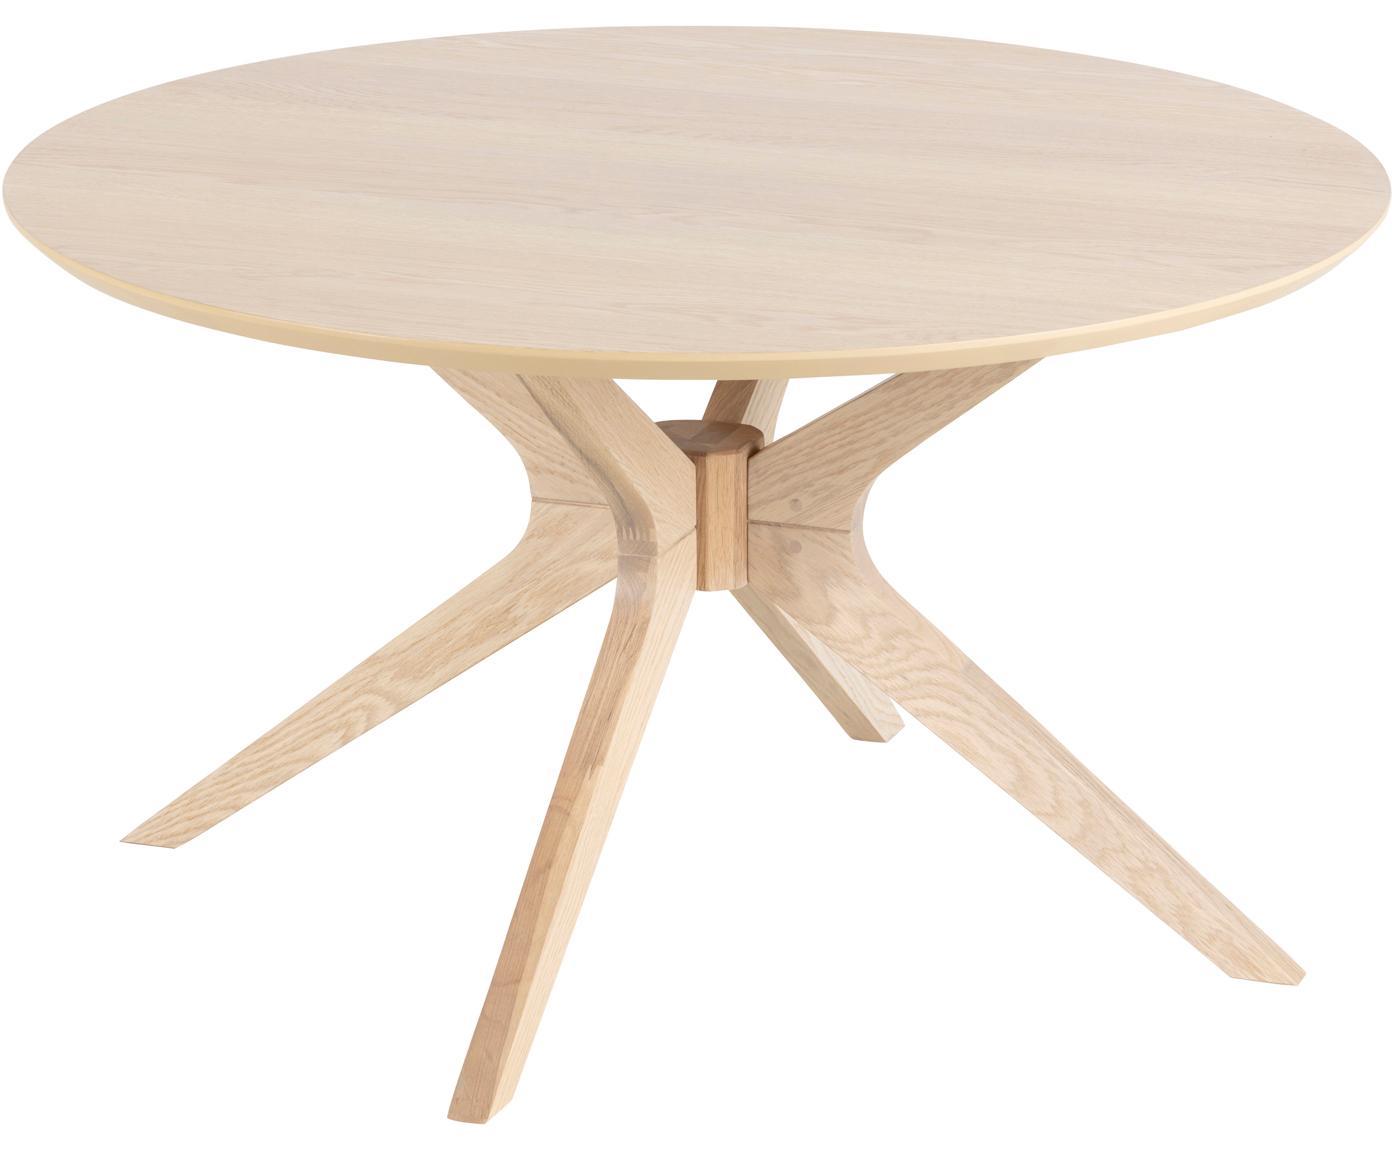 Okrągły stolik kawowy z drewna dębowego Duncan, Blat: fornir z drewna dębowego, Nogi: drewno dębowe, lite, Drewno dębowe, Ø 80 x W 45 cm